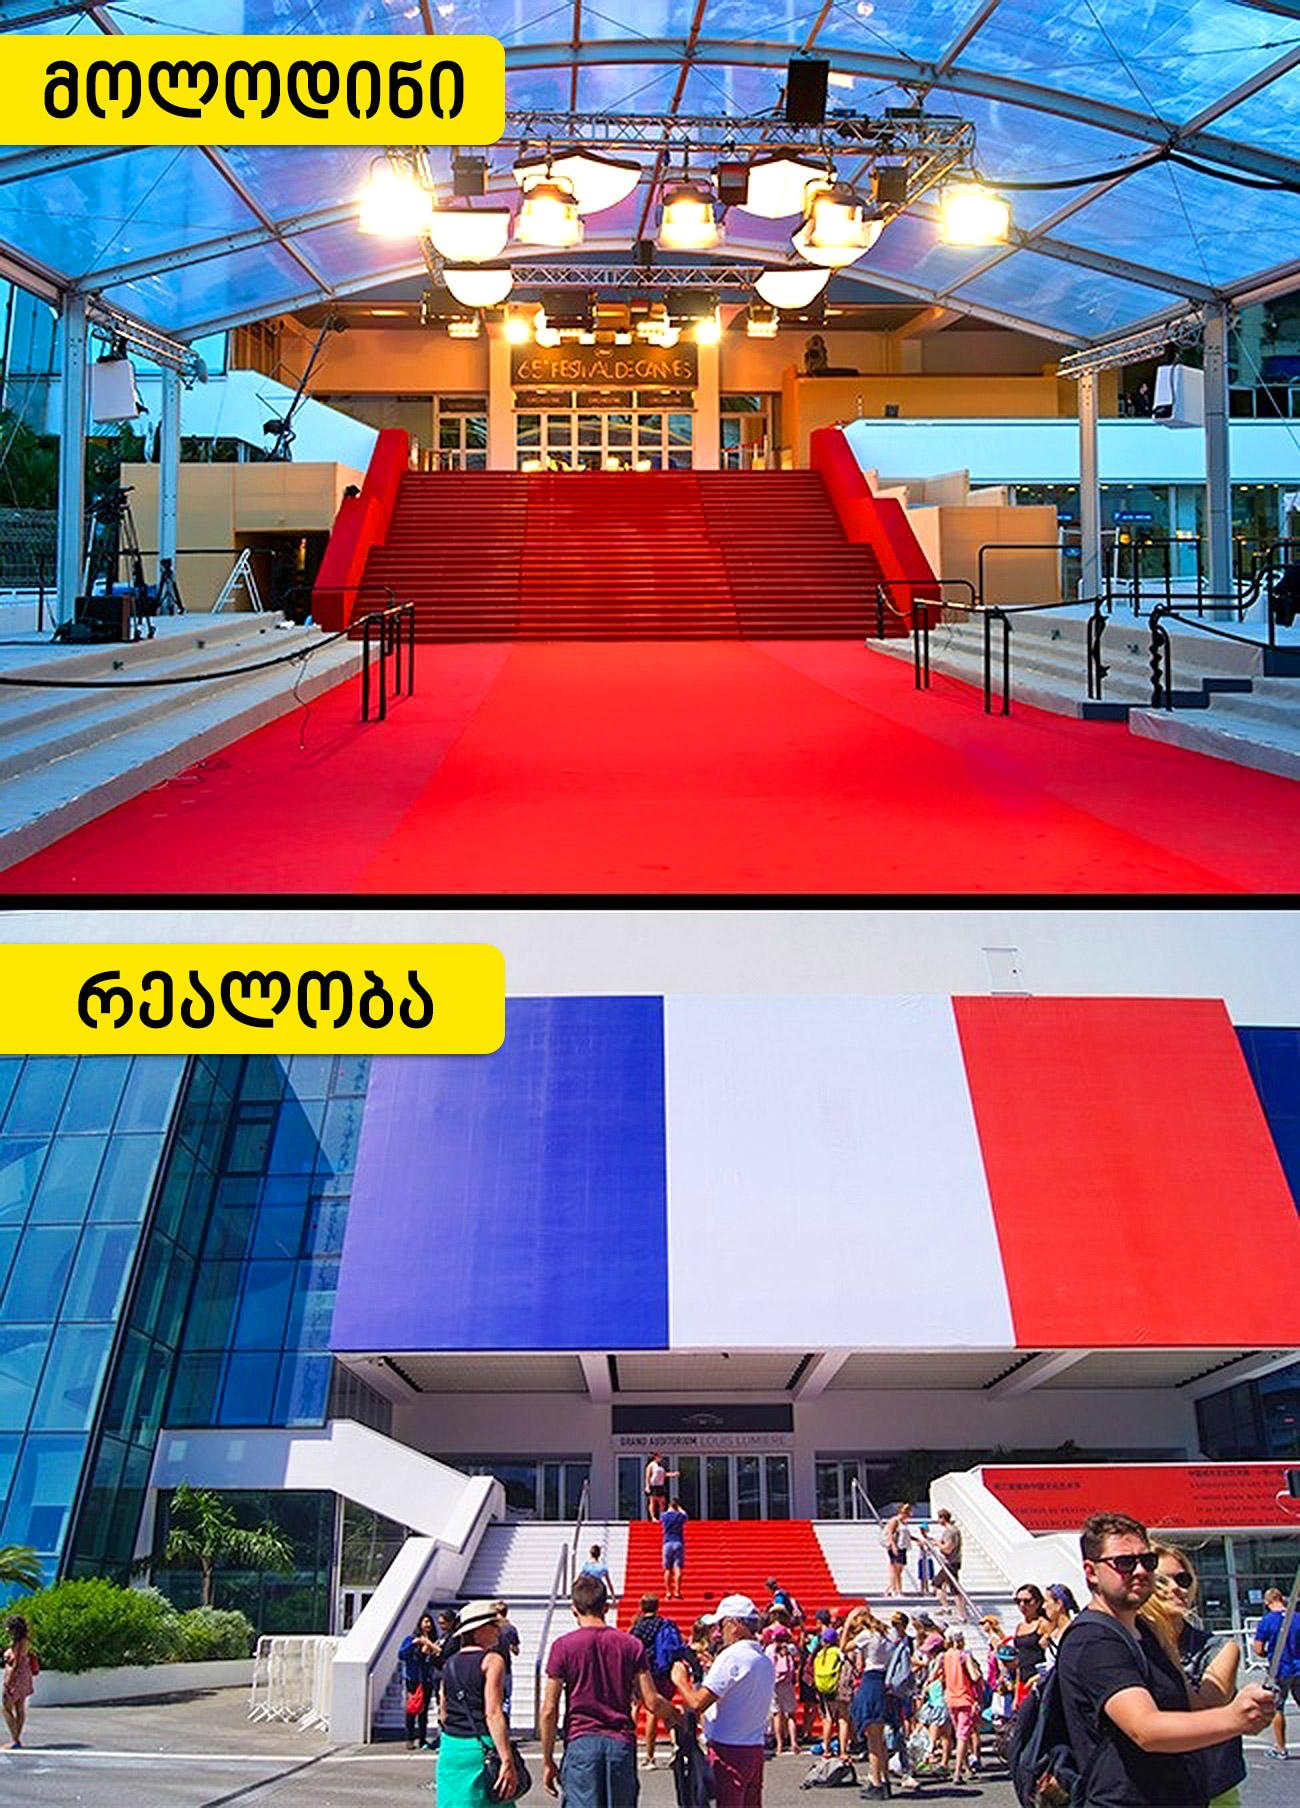 ფესტივალებისა და კონგრესების სასახლე - კანის ფესტივალის ჩატარების ადგილი